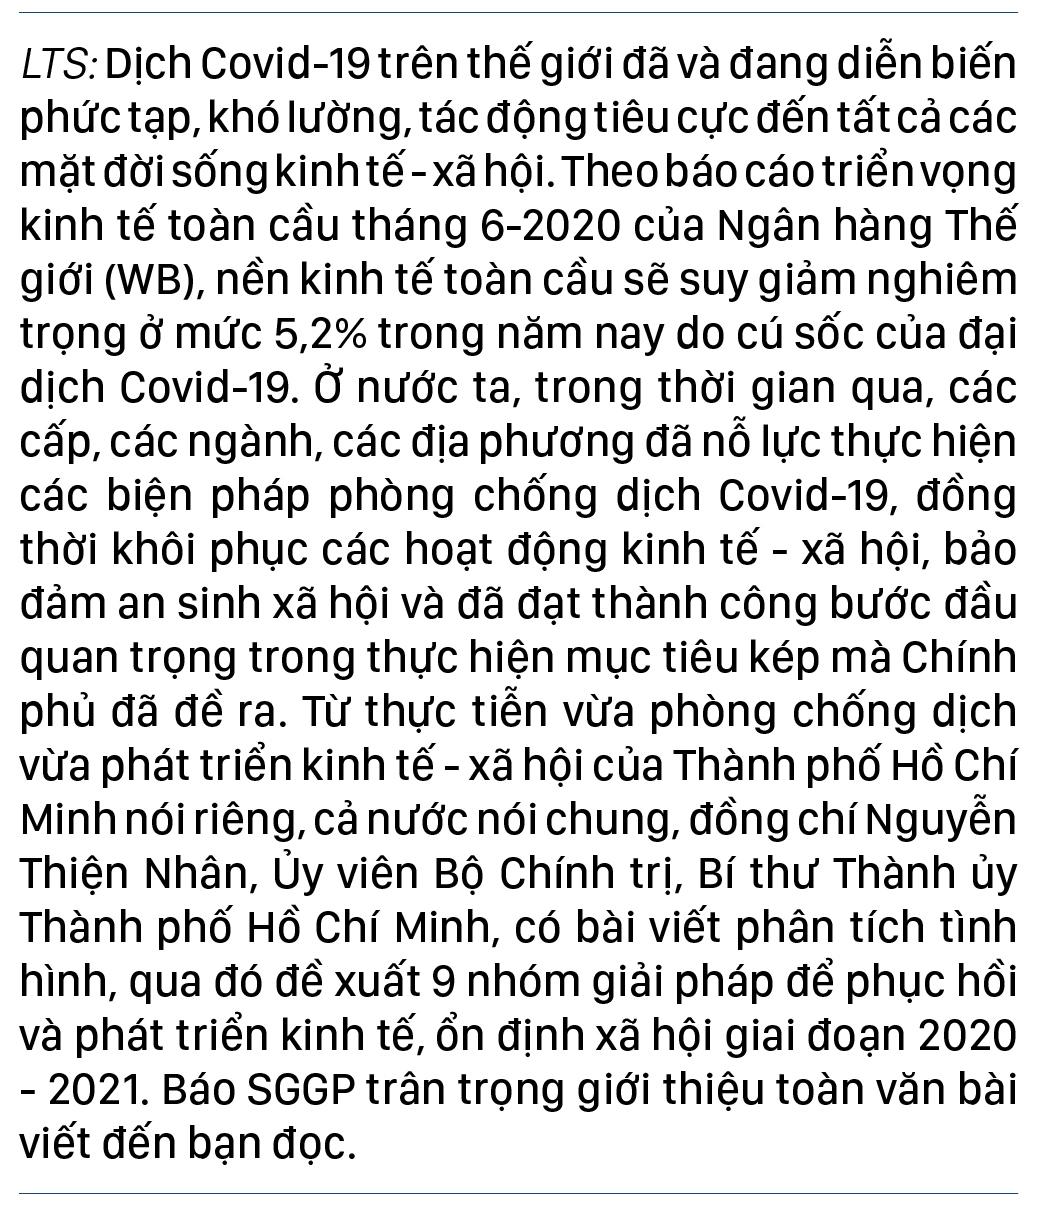 Diễn biến dịch COVID-19 trên thế giới và kiến nghị 9 nhóm giải pháp phục hồi phát triển kinh tế Việt Nam ảnh 1